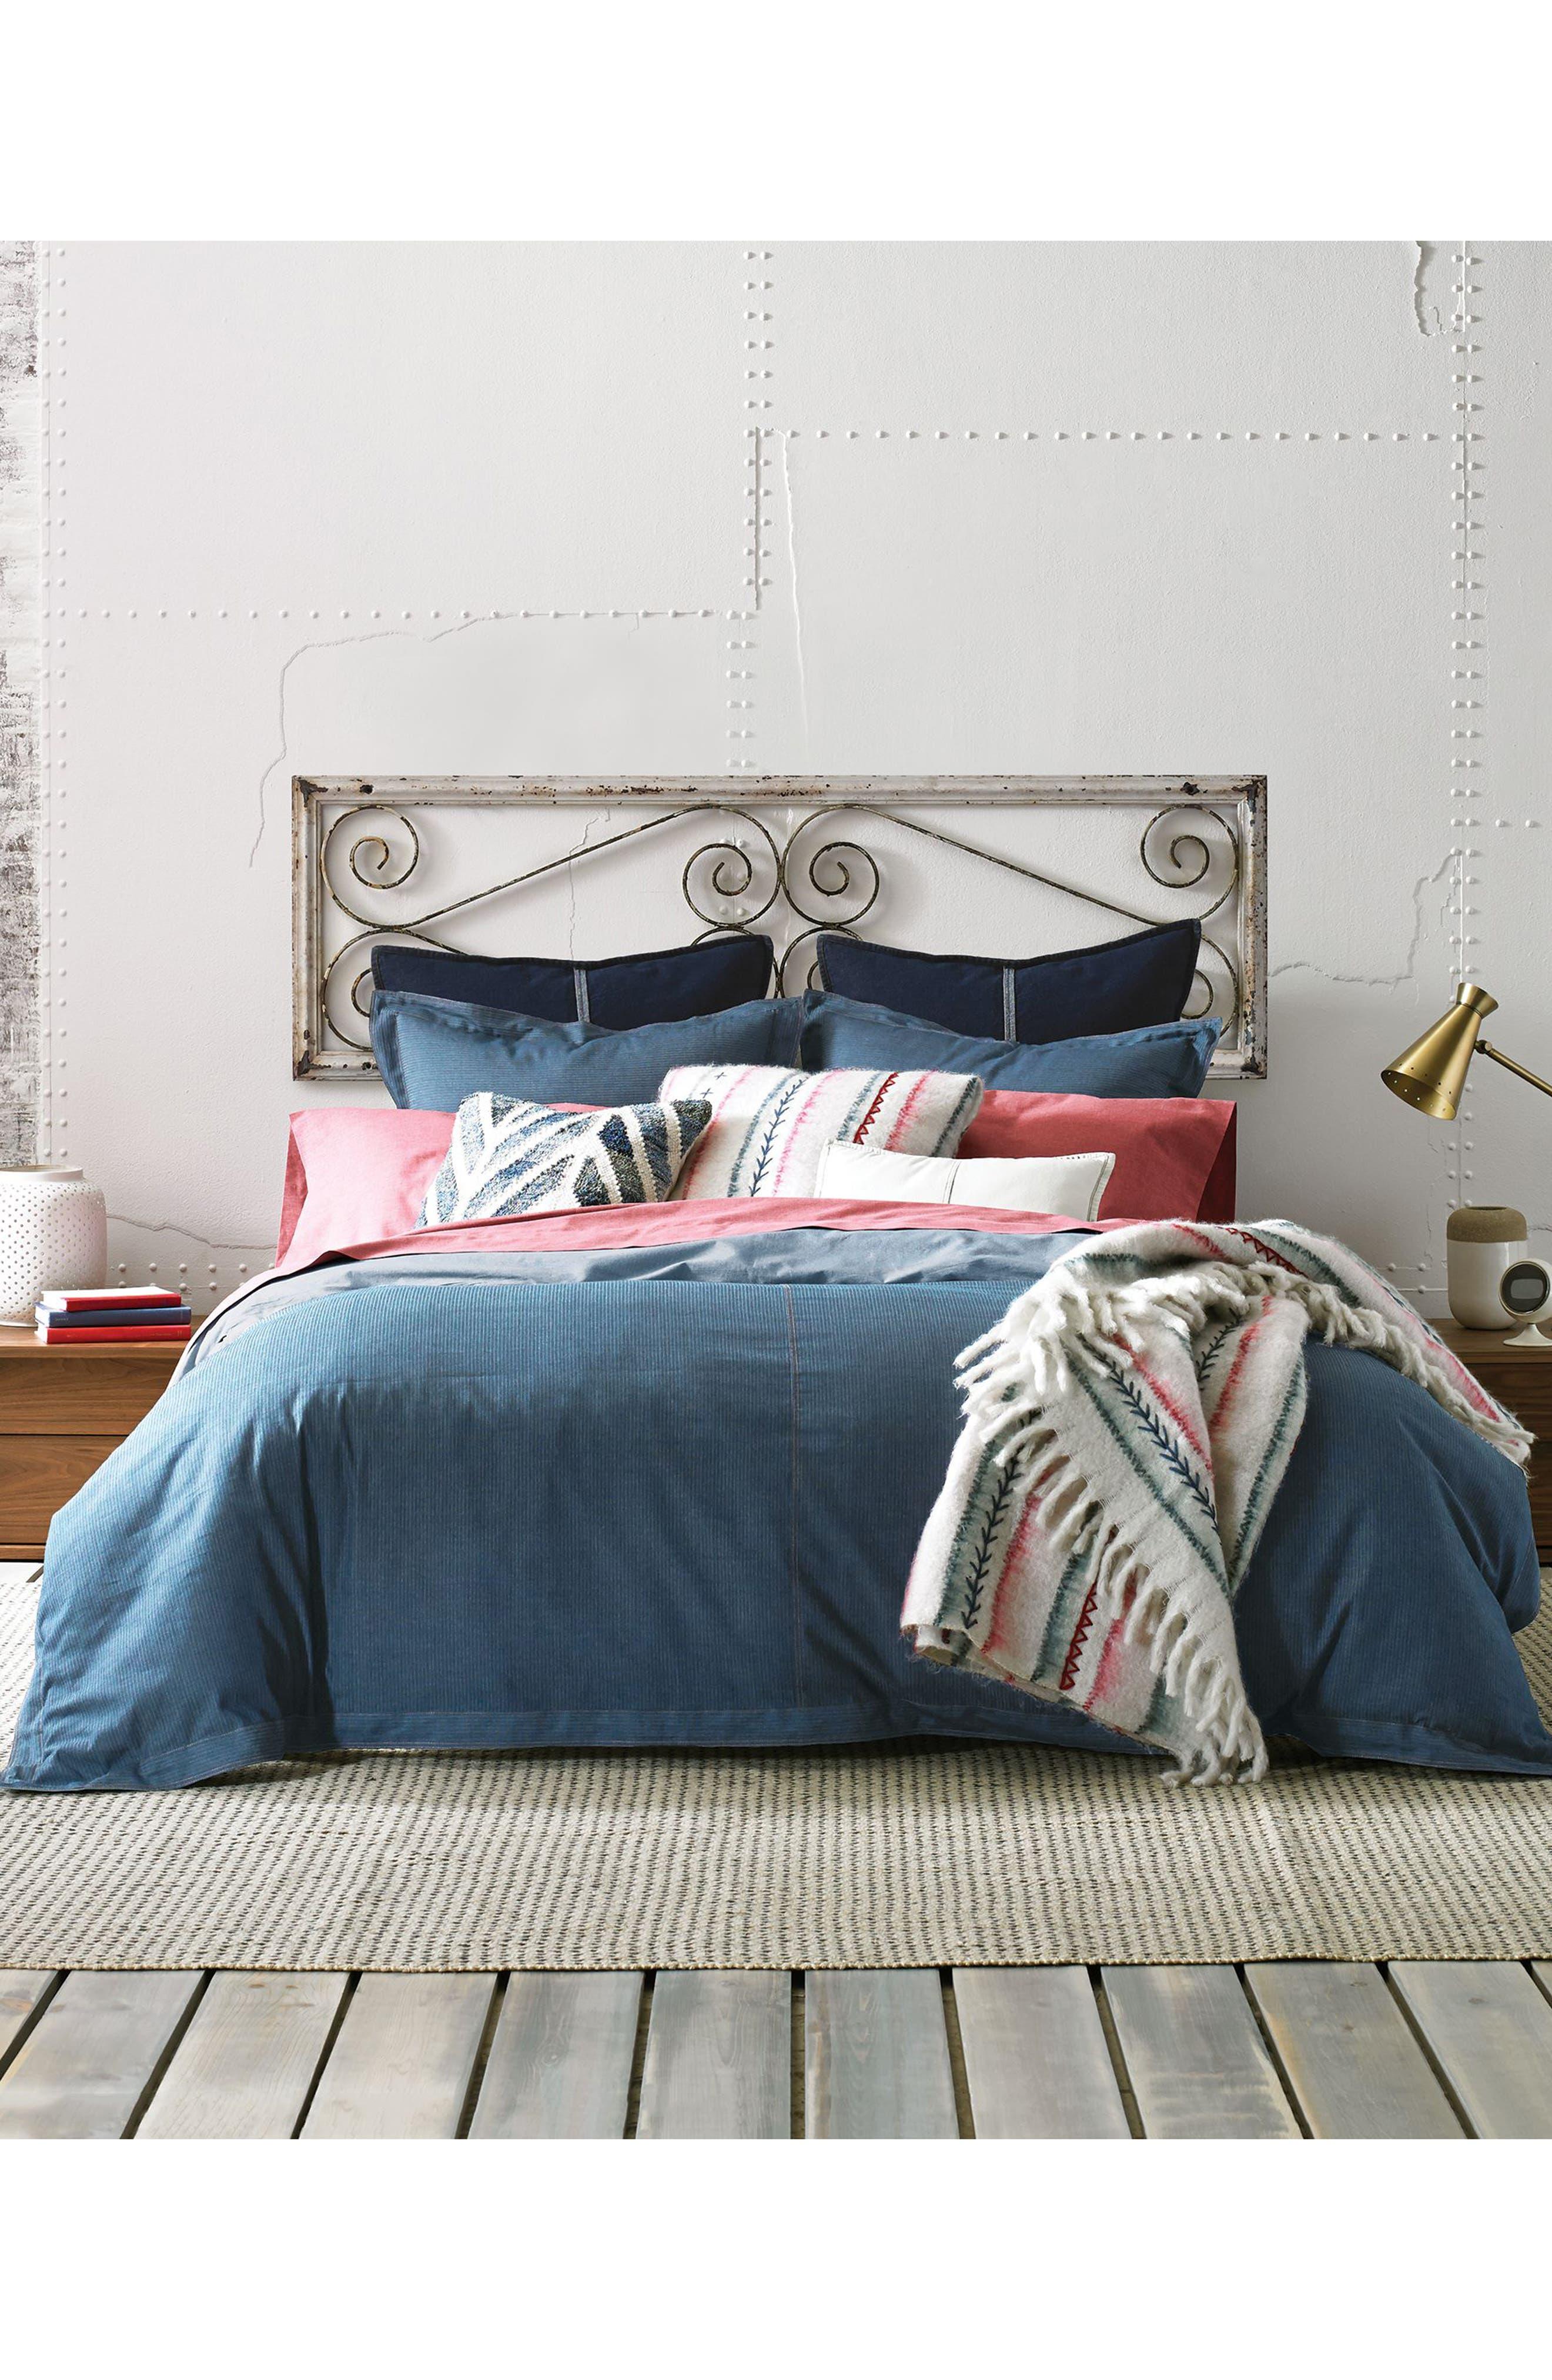 Duvet Comforter Tabs On Duvet Comforter Insertwm Duvet Is